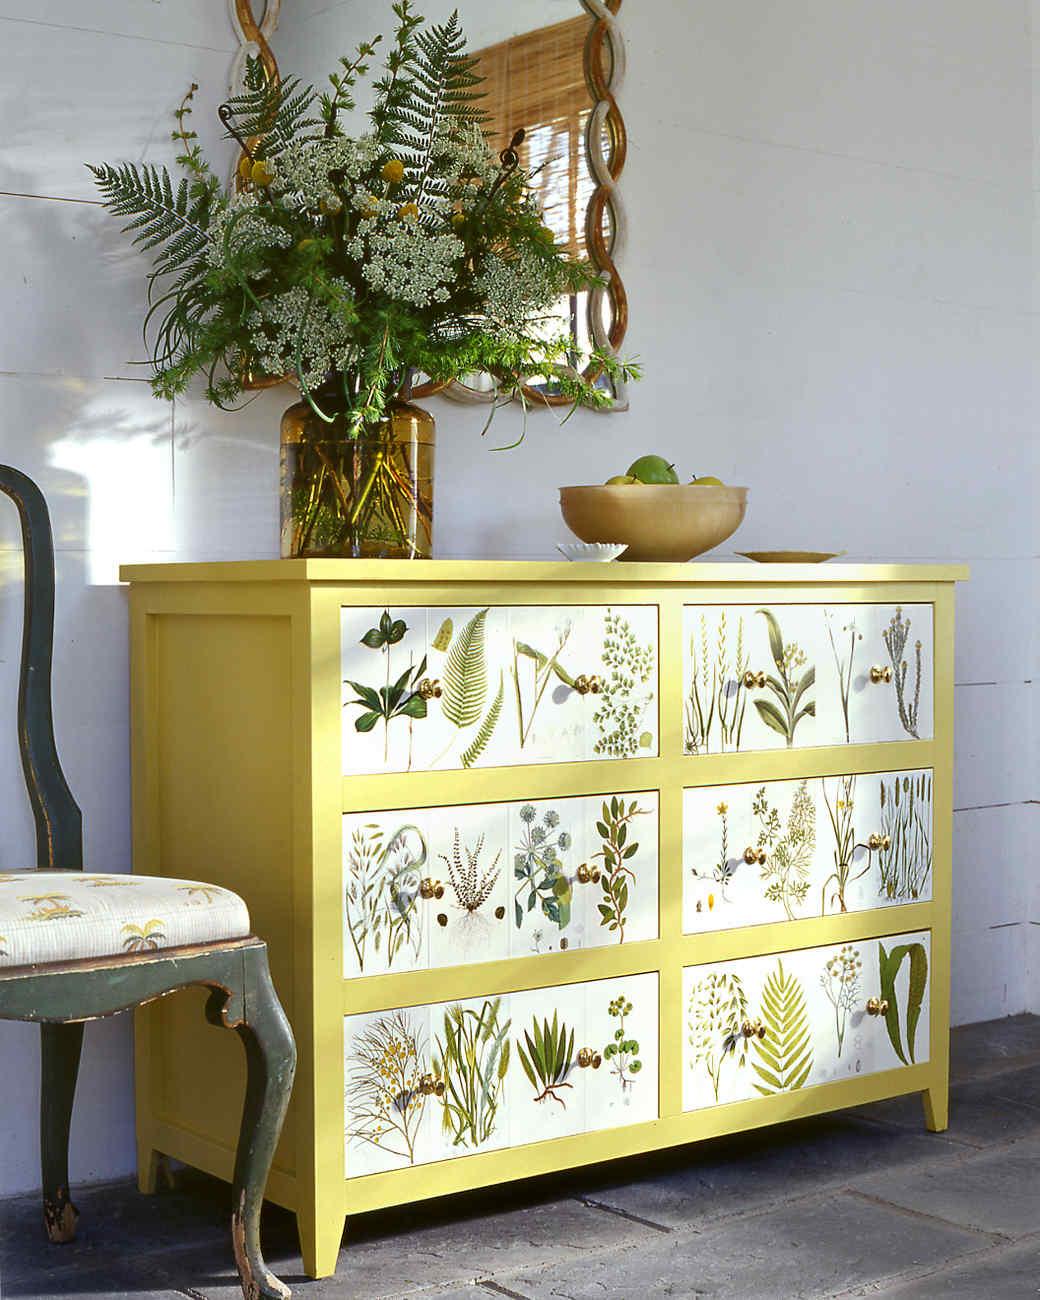 Как обновить мебель своими руками мастер